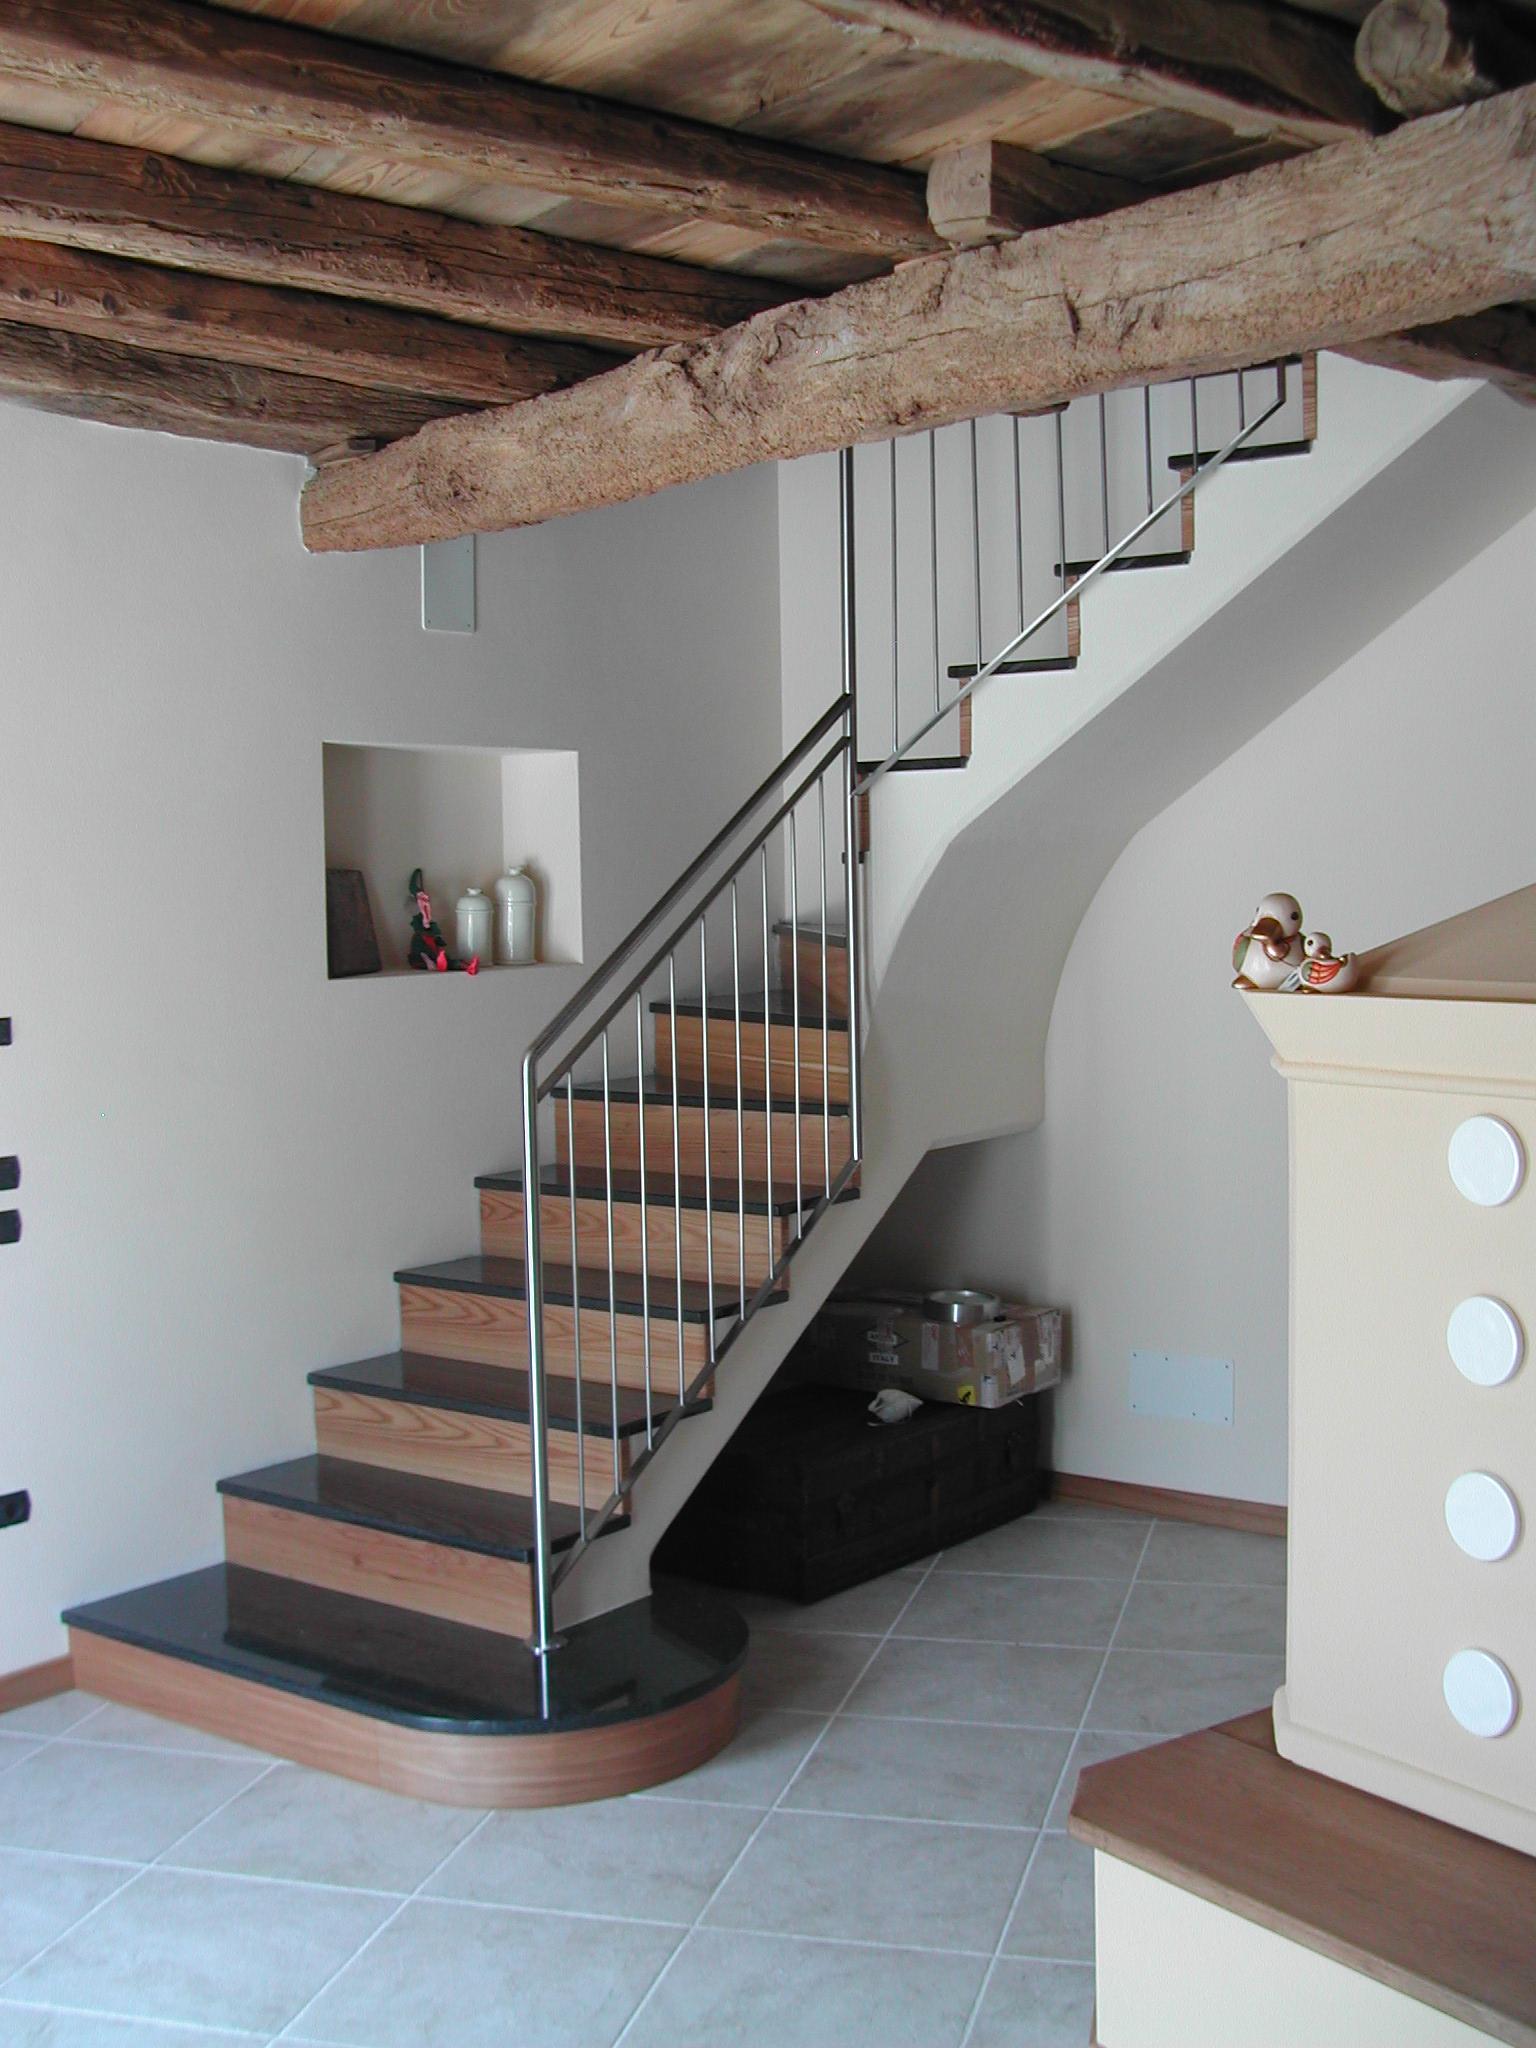 Tecos ringhiera per scala in abitazione privata tecos for Abitazioni interni